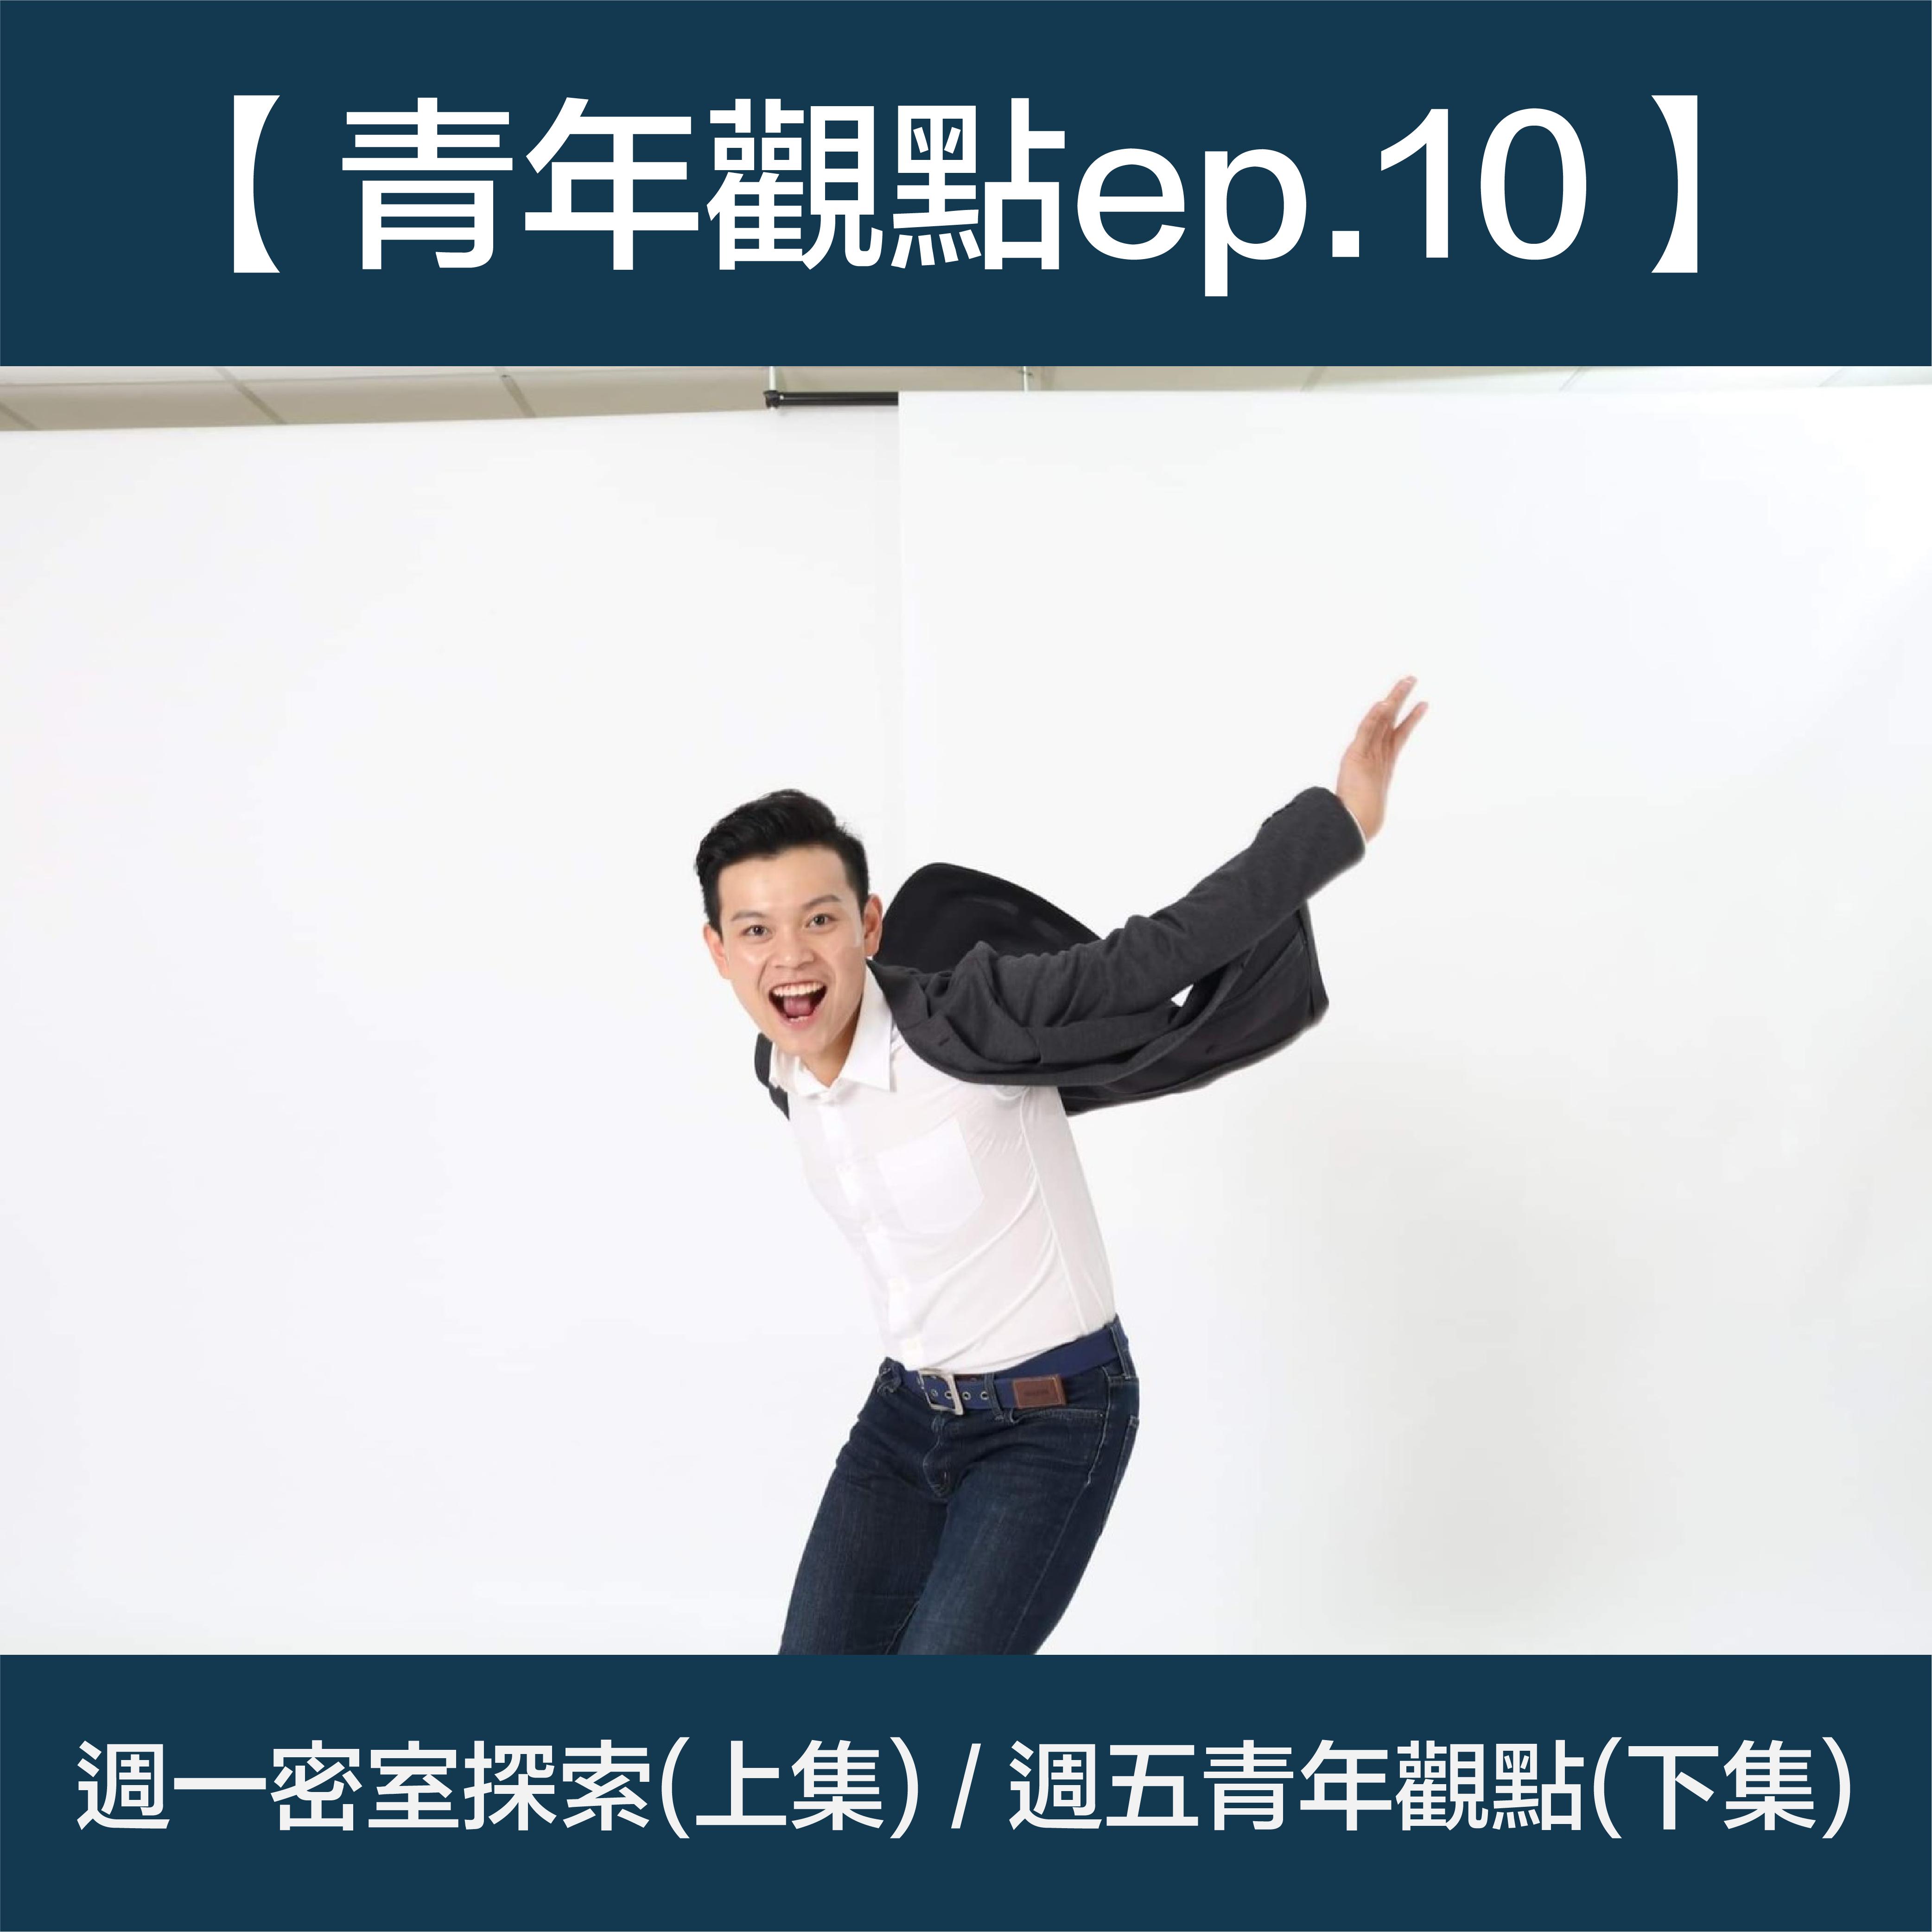 【青年觀點ep.10】國標舞跳到清華大學!堅持了16年的興趣如何安定成事業?feat.吳煥然